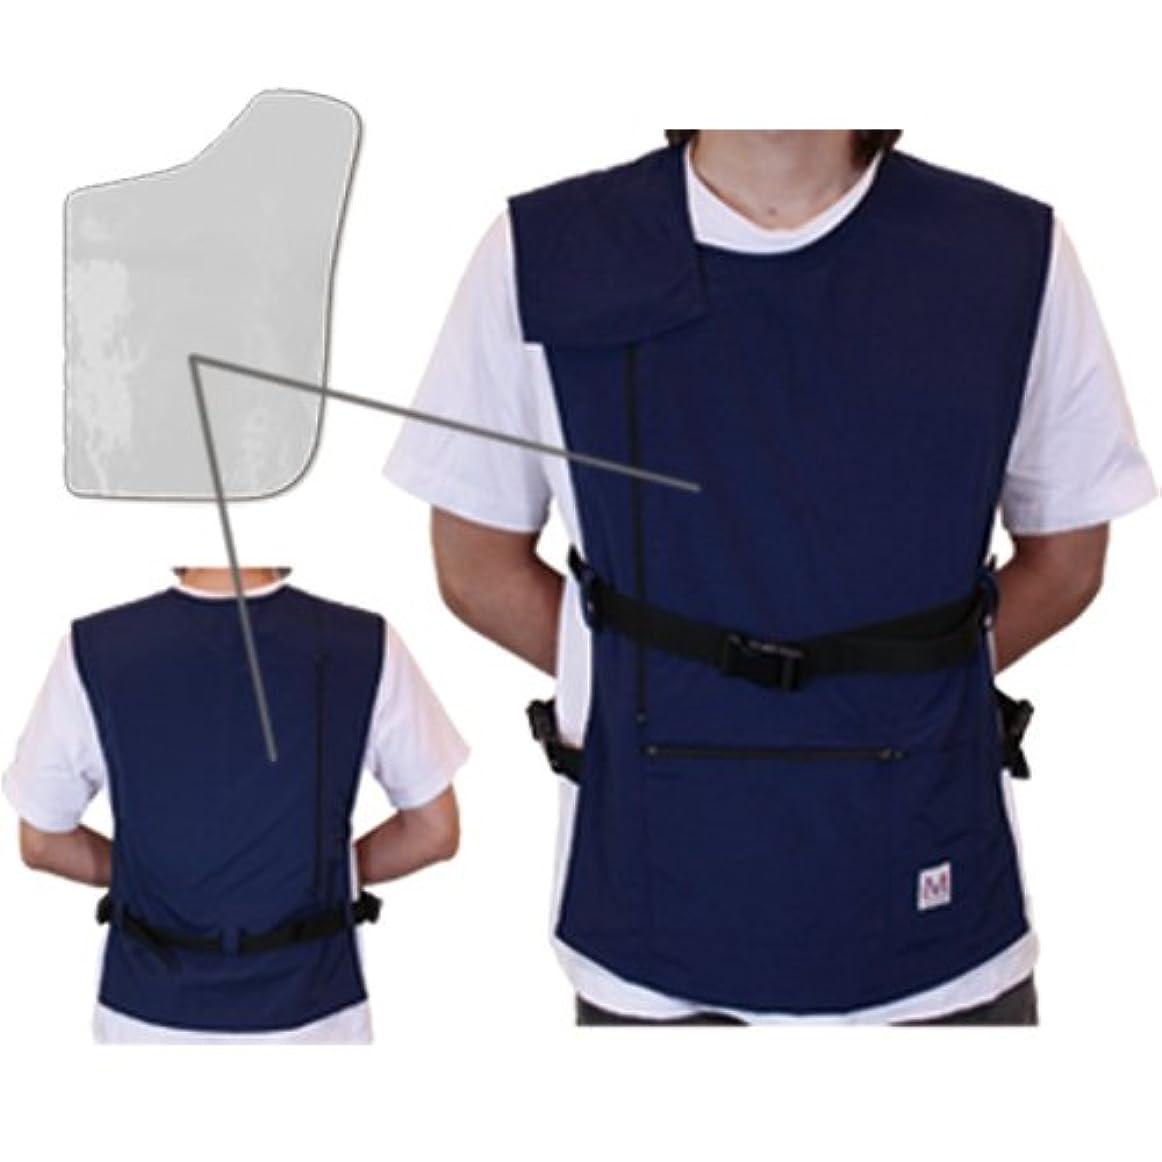 黒無線裂け目ペースメーカ?ICD電磁波防護服「MGワークベスト左胸用(カーキー)2年間品質保証